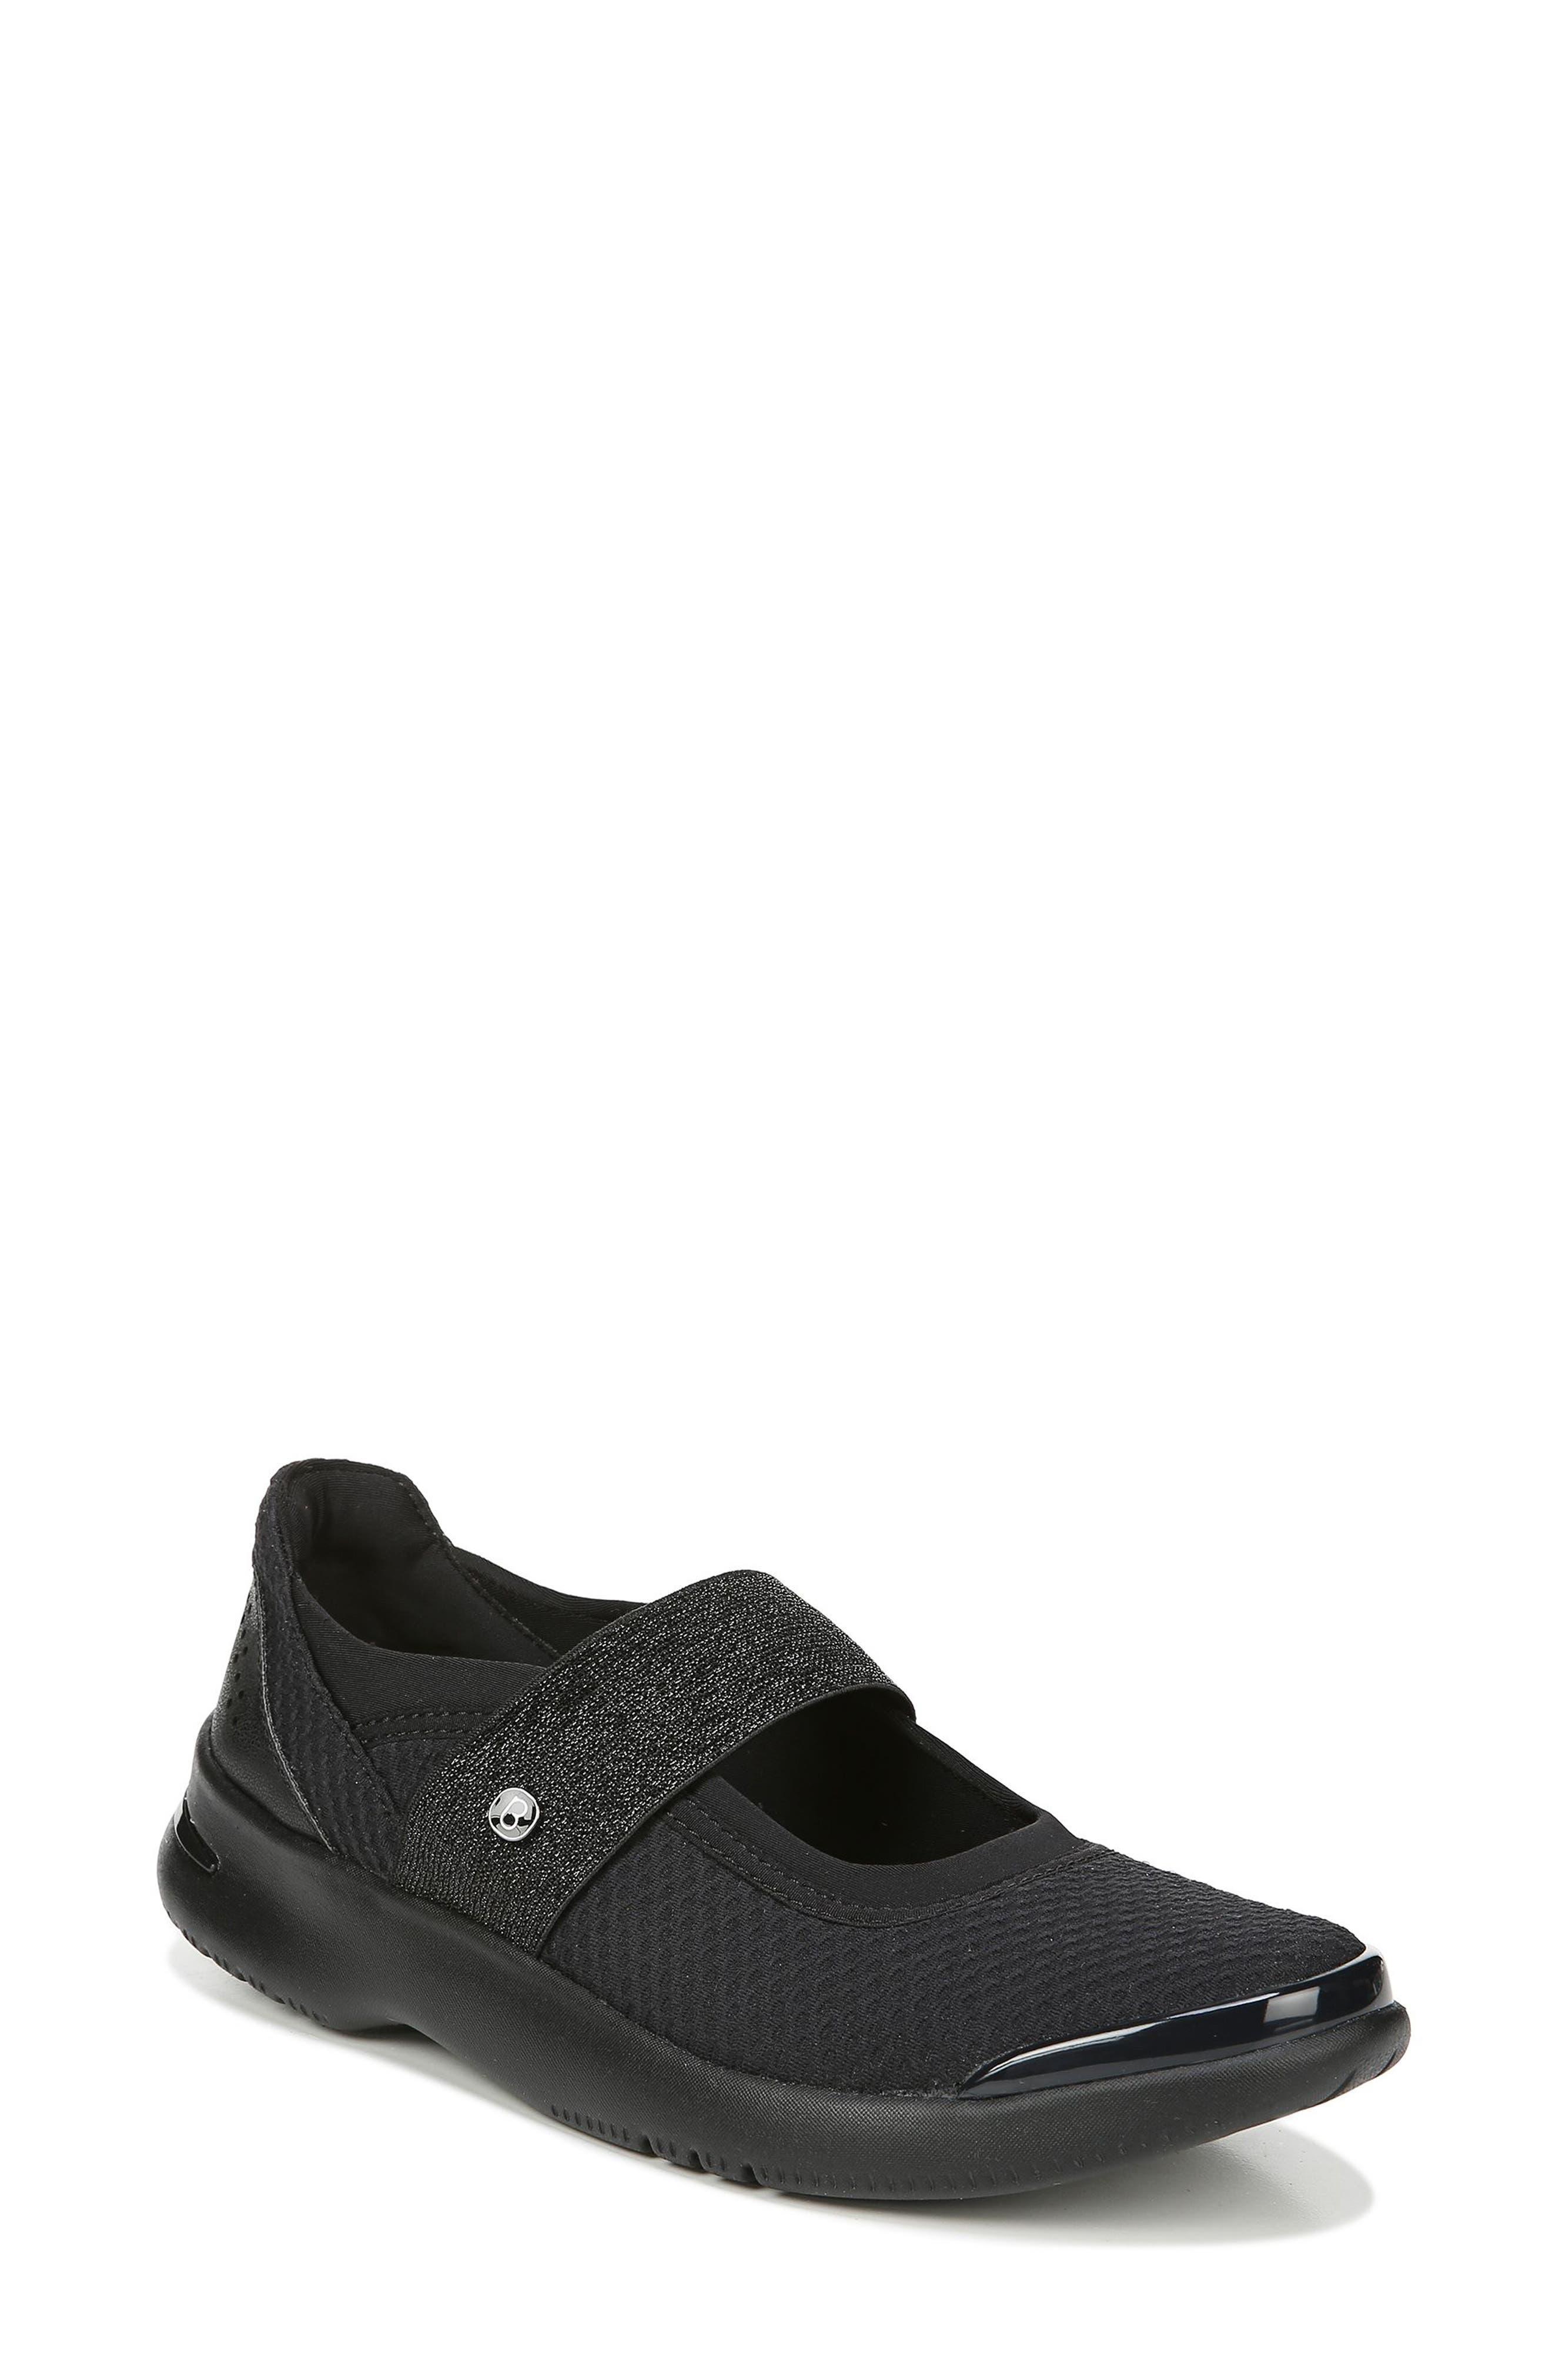 Bzees Athena Sneaker, Black